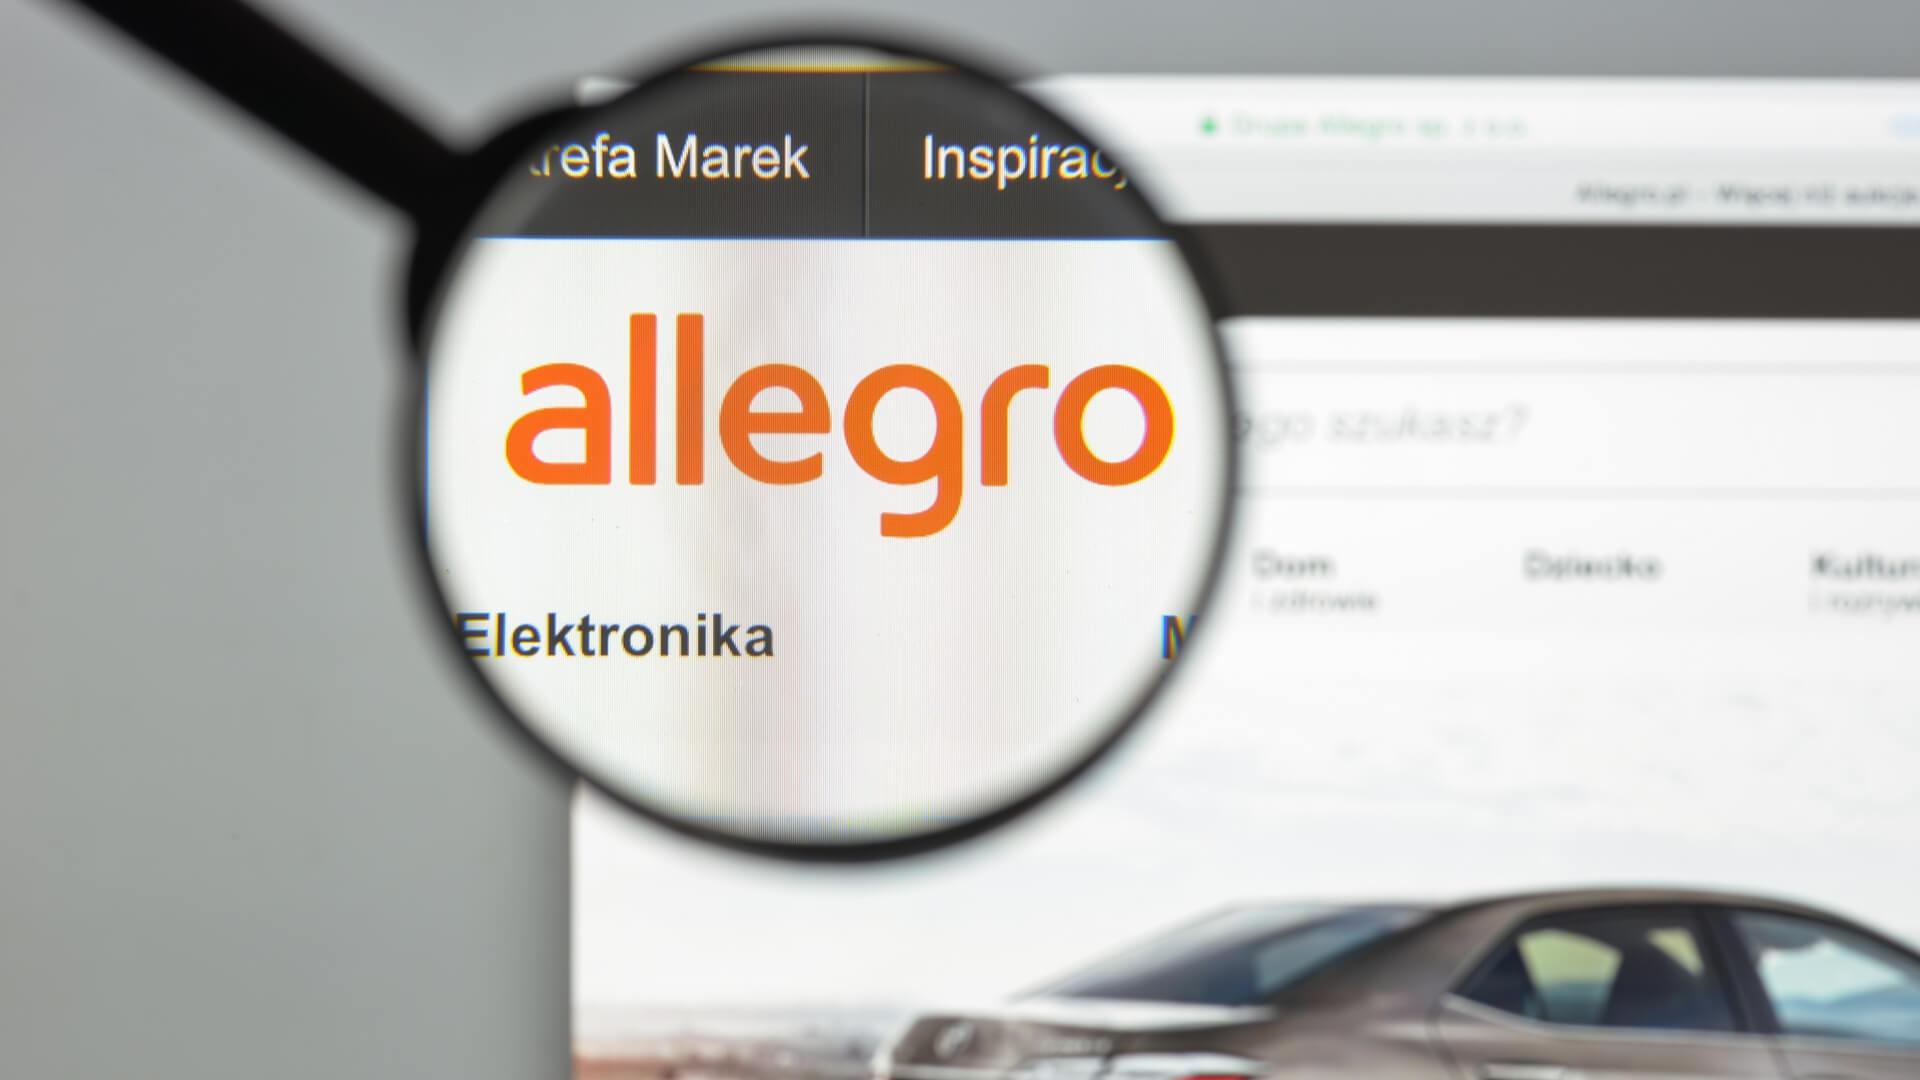 Jak Wybrac Odpowiedni Program Do Obslugi Allegro Inpost